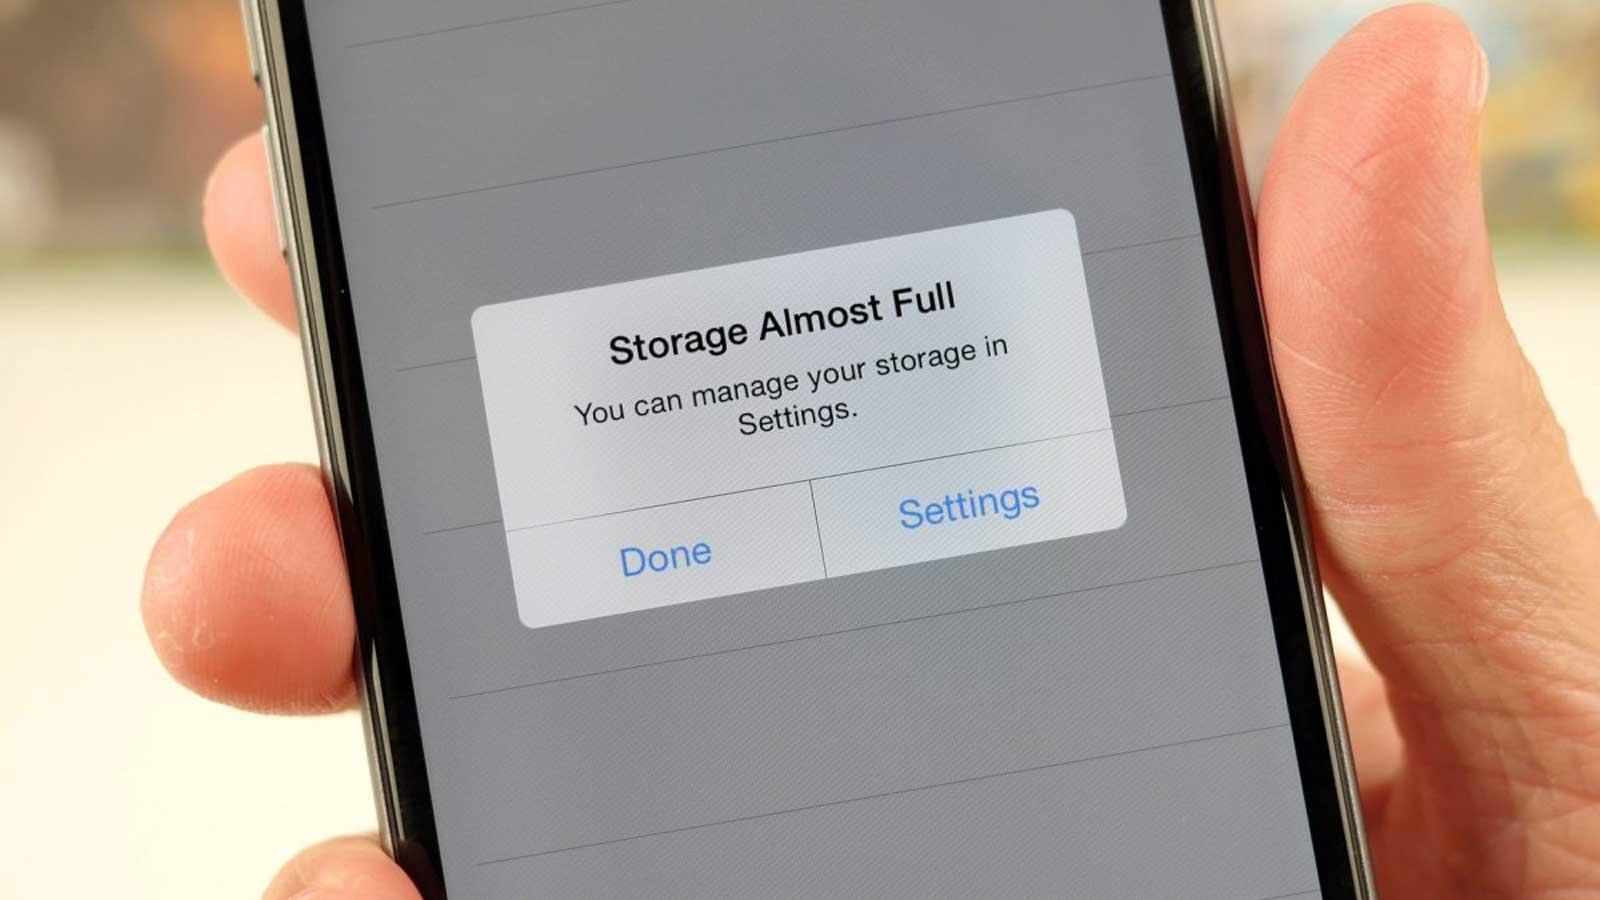 iPhone önbellek dolu problemi iPhone Önbellek Temizleme Yolu iPhone Önbellek Temizleme Yolu iphone onbellek dolu